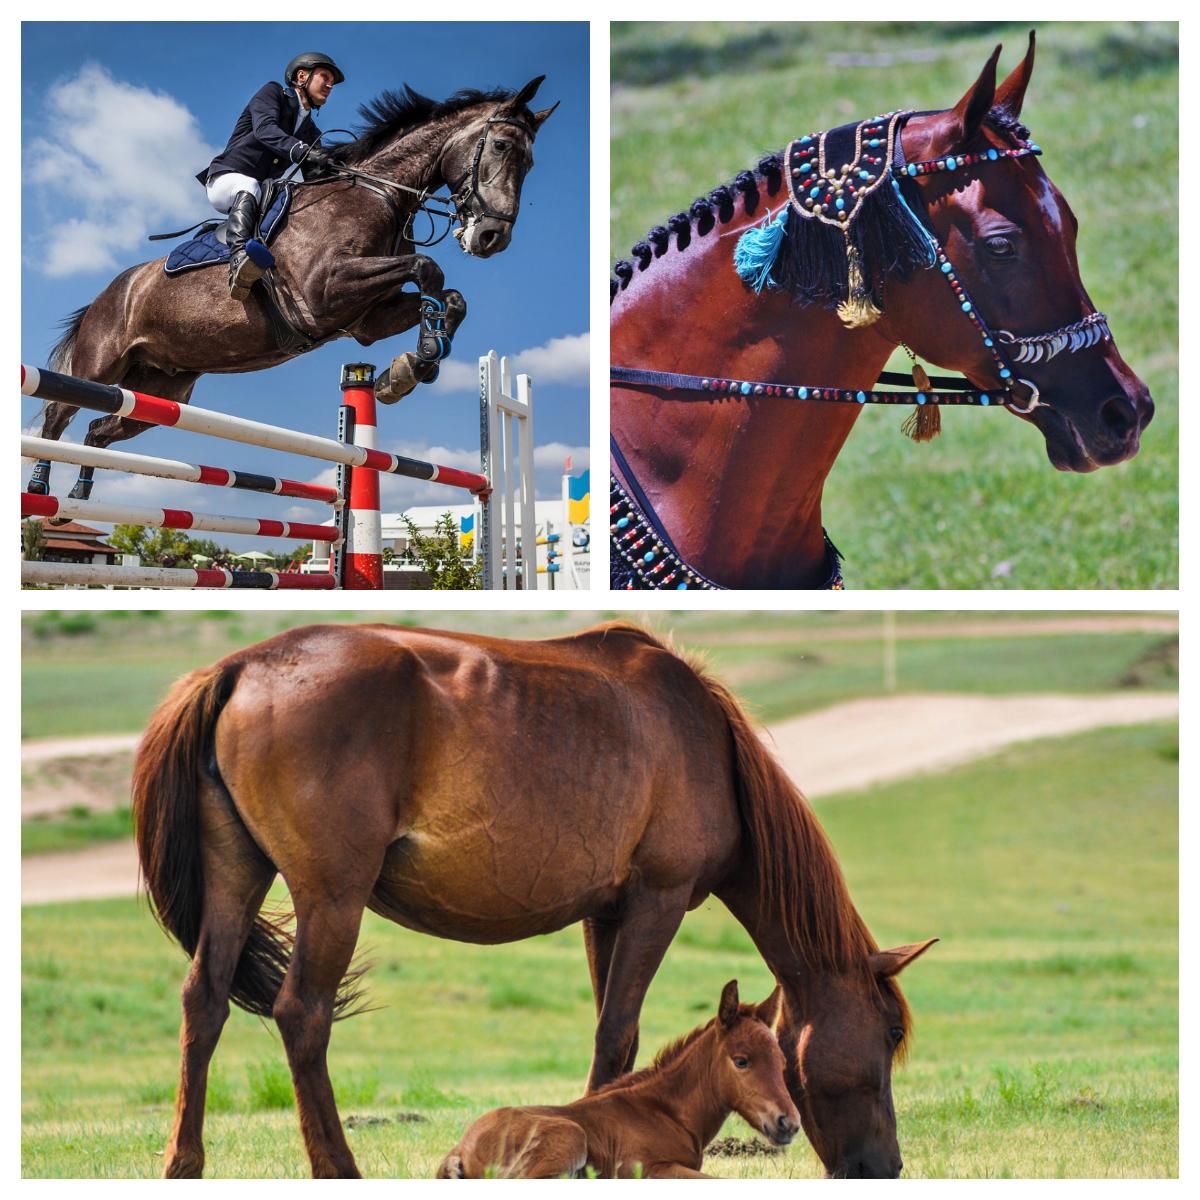 Cavalli, Benessere Cavallo, cavalli da corsa, cavalli da esposizione, aloe vera